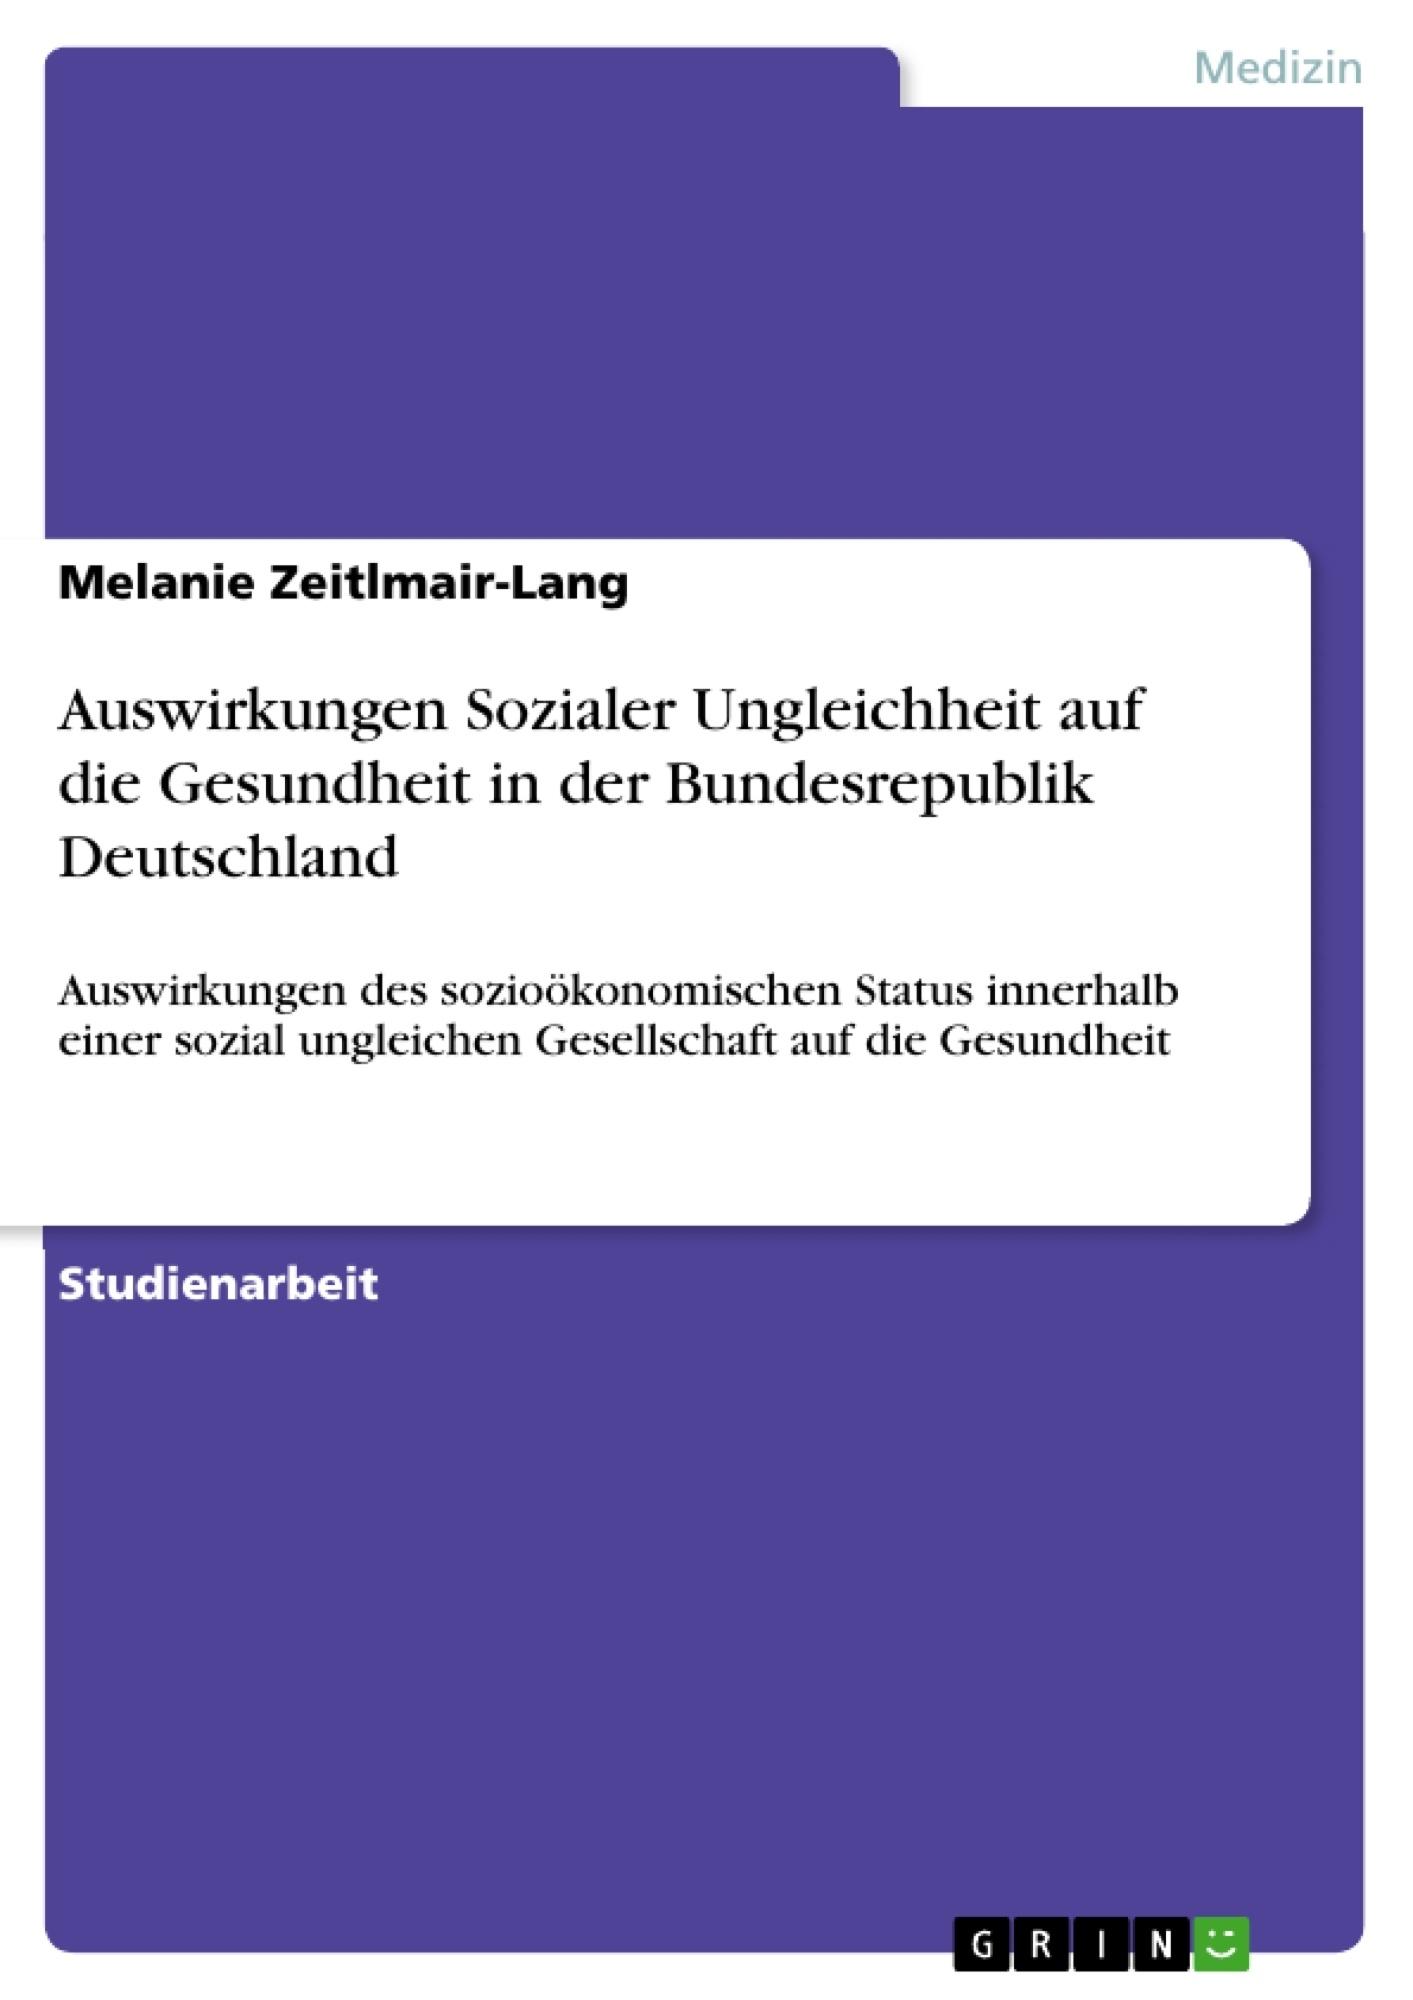 Titel: Auswirkungen Sozialer Ungleichheit auf die Gesundheit in der Bundesrepublik Deutschland